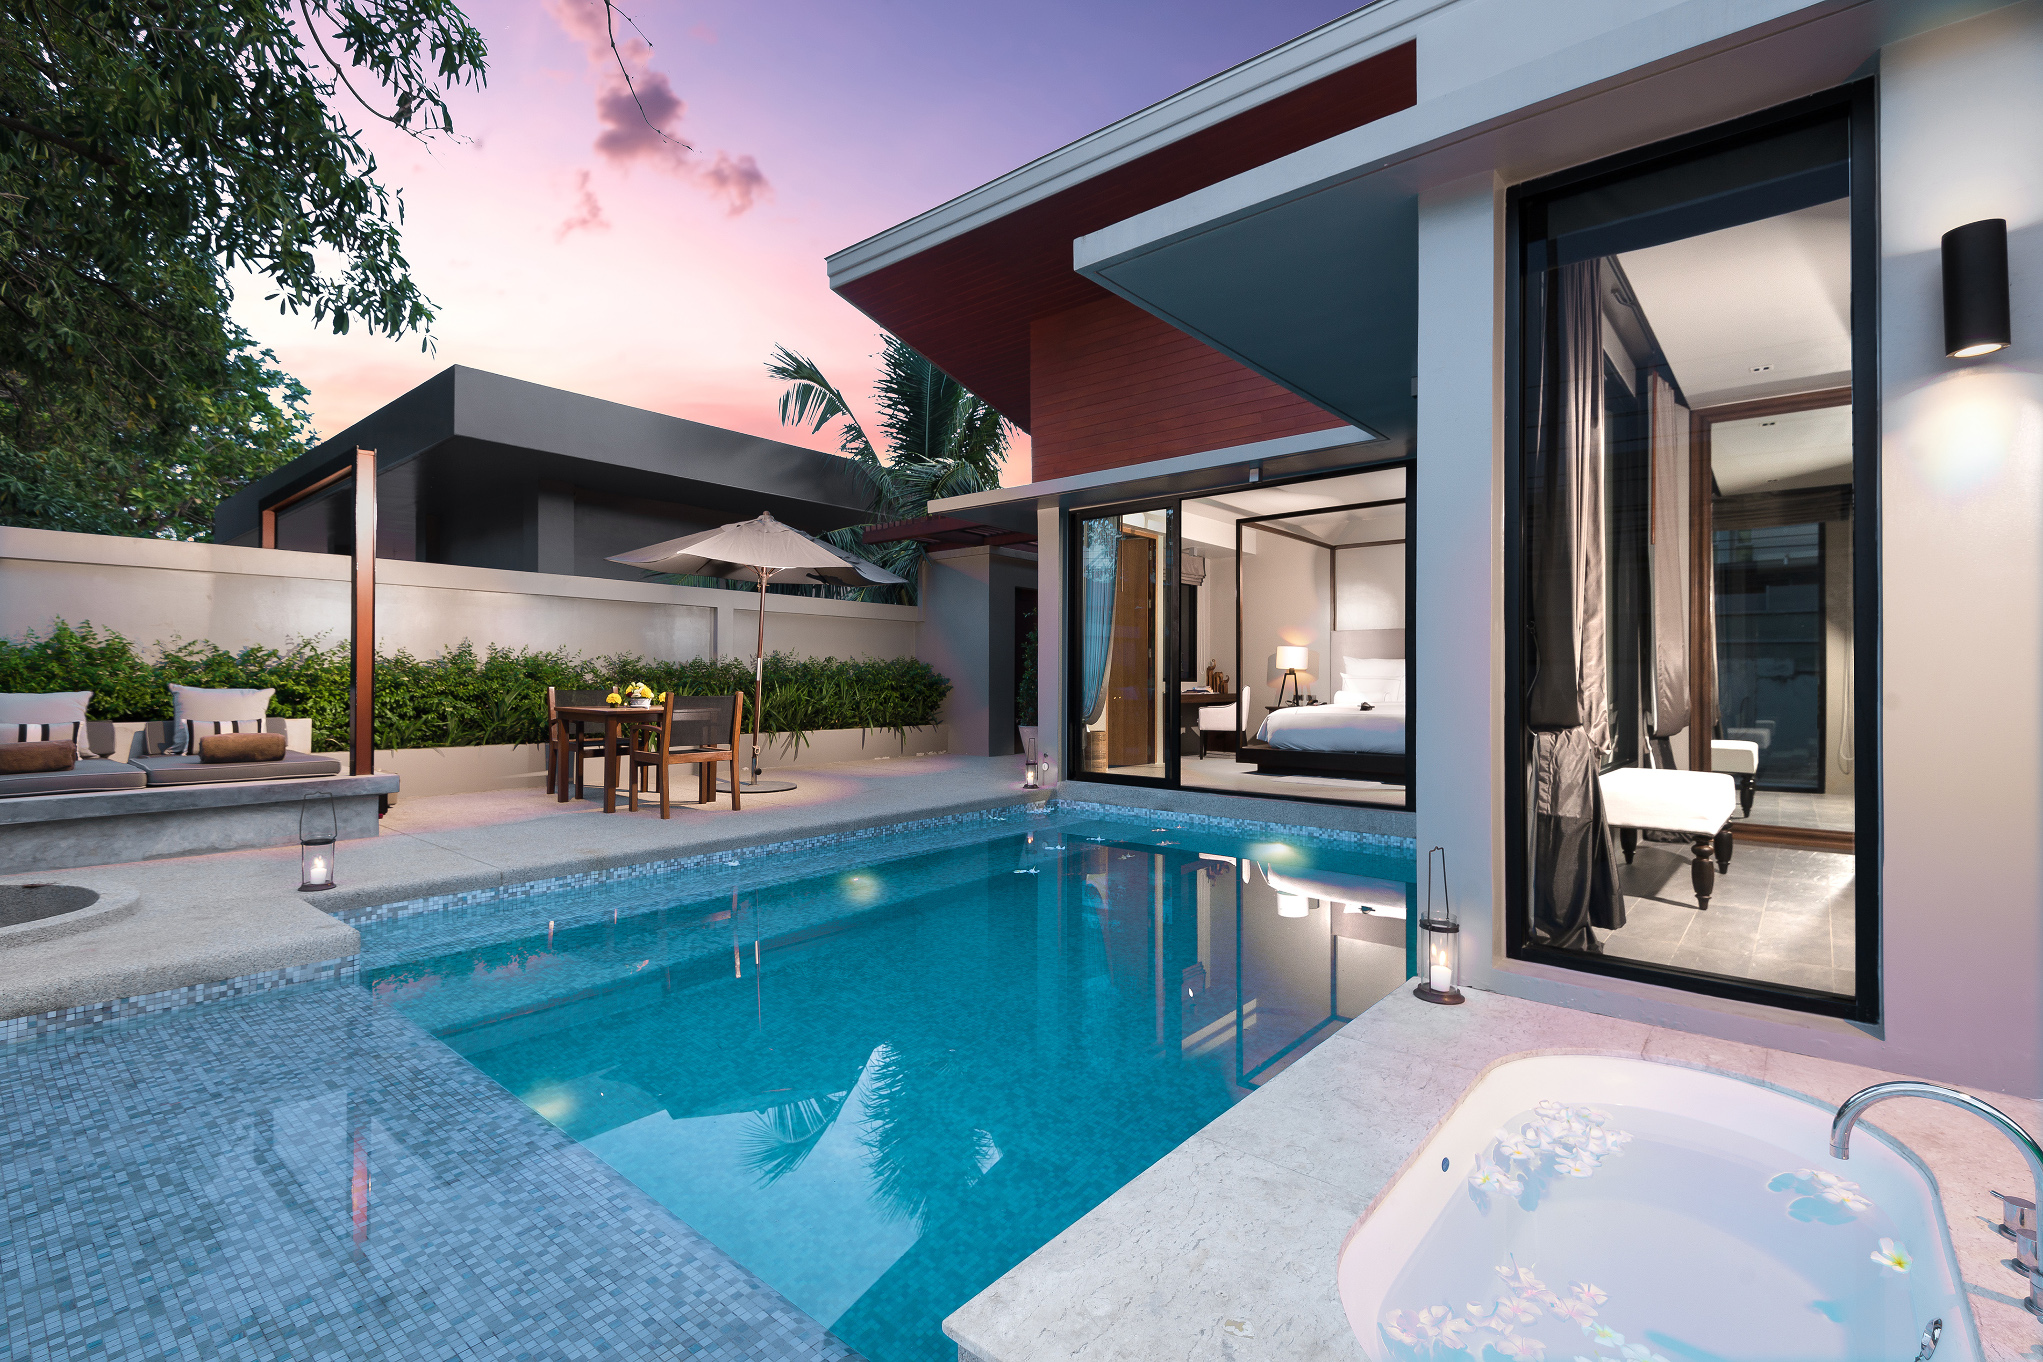 Anantara Hua Hin Resort Spa Deluxe Garden View